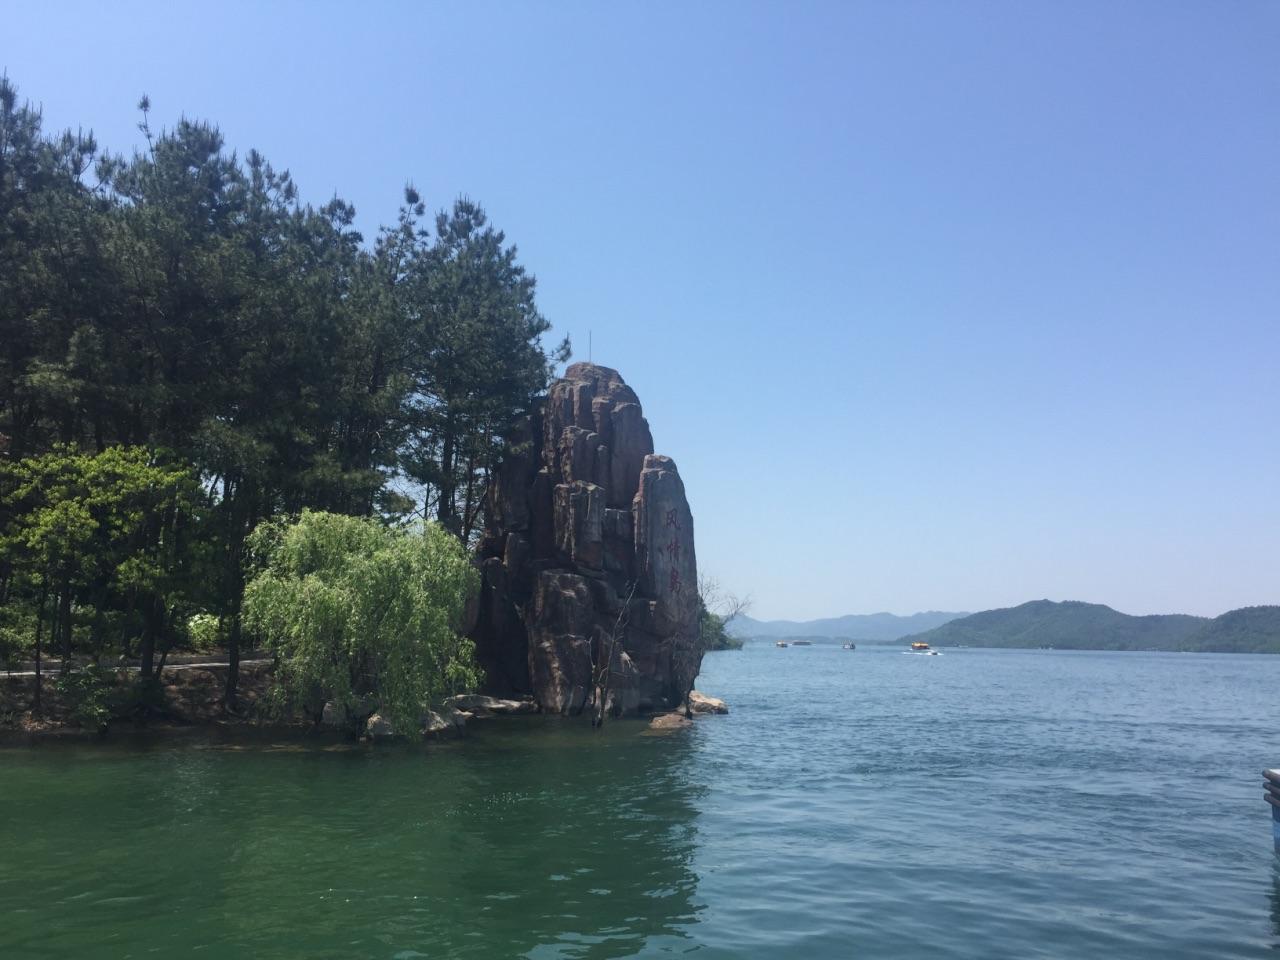 【携程攻略】舒城万佛湖风景区景点,风景很不错,值得